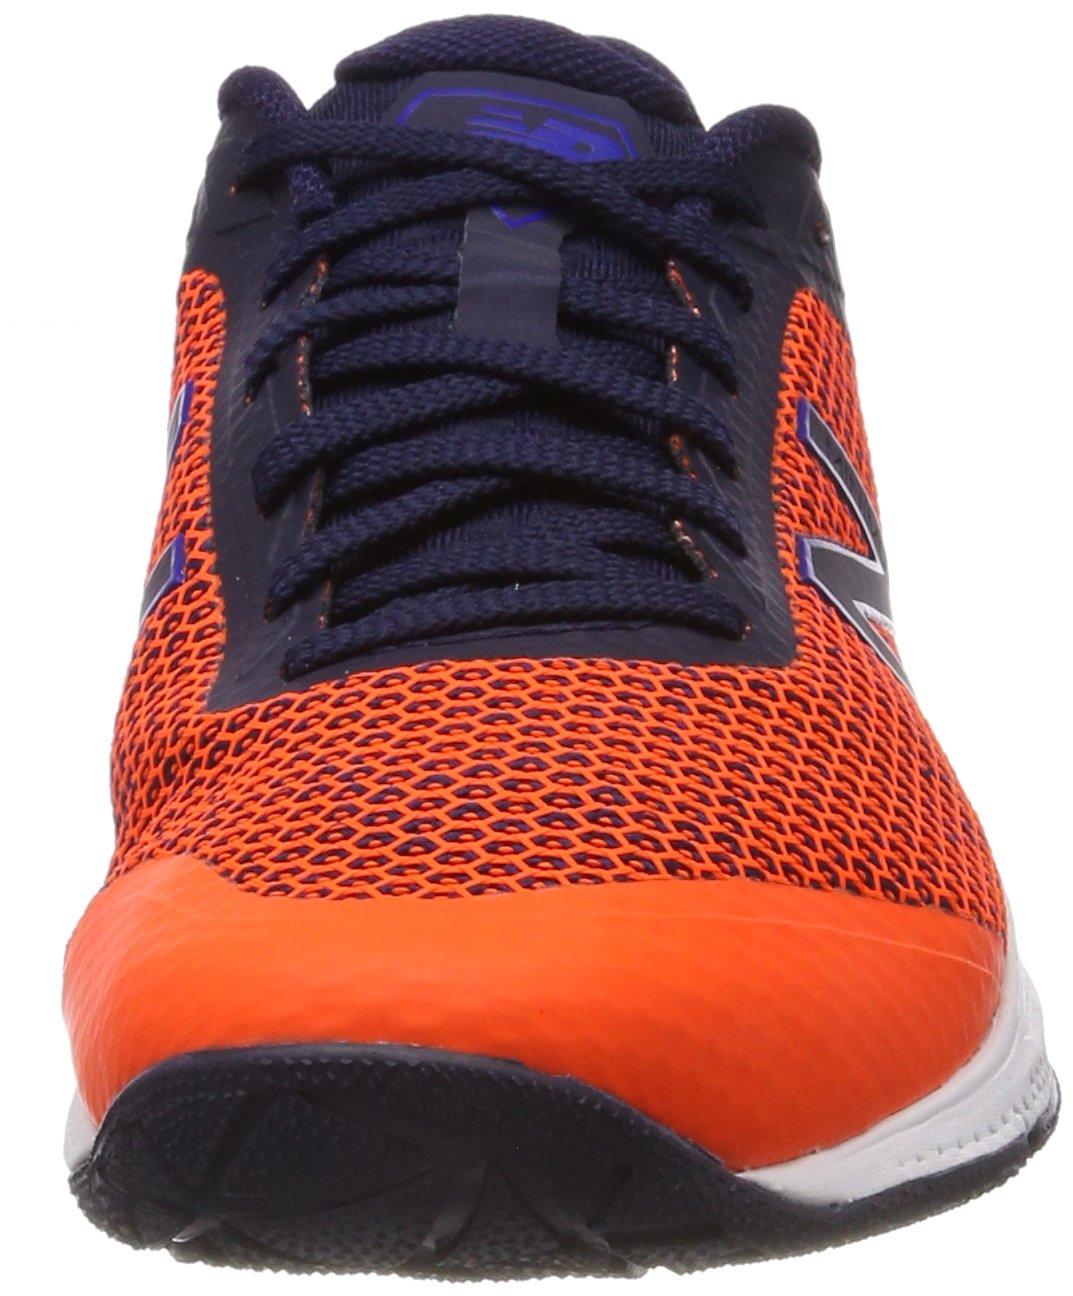 New Balance Mx40v1 H, Zapatillas Deportivas para Interior Hombre, 41 1/3 EU